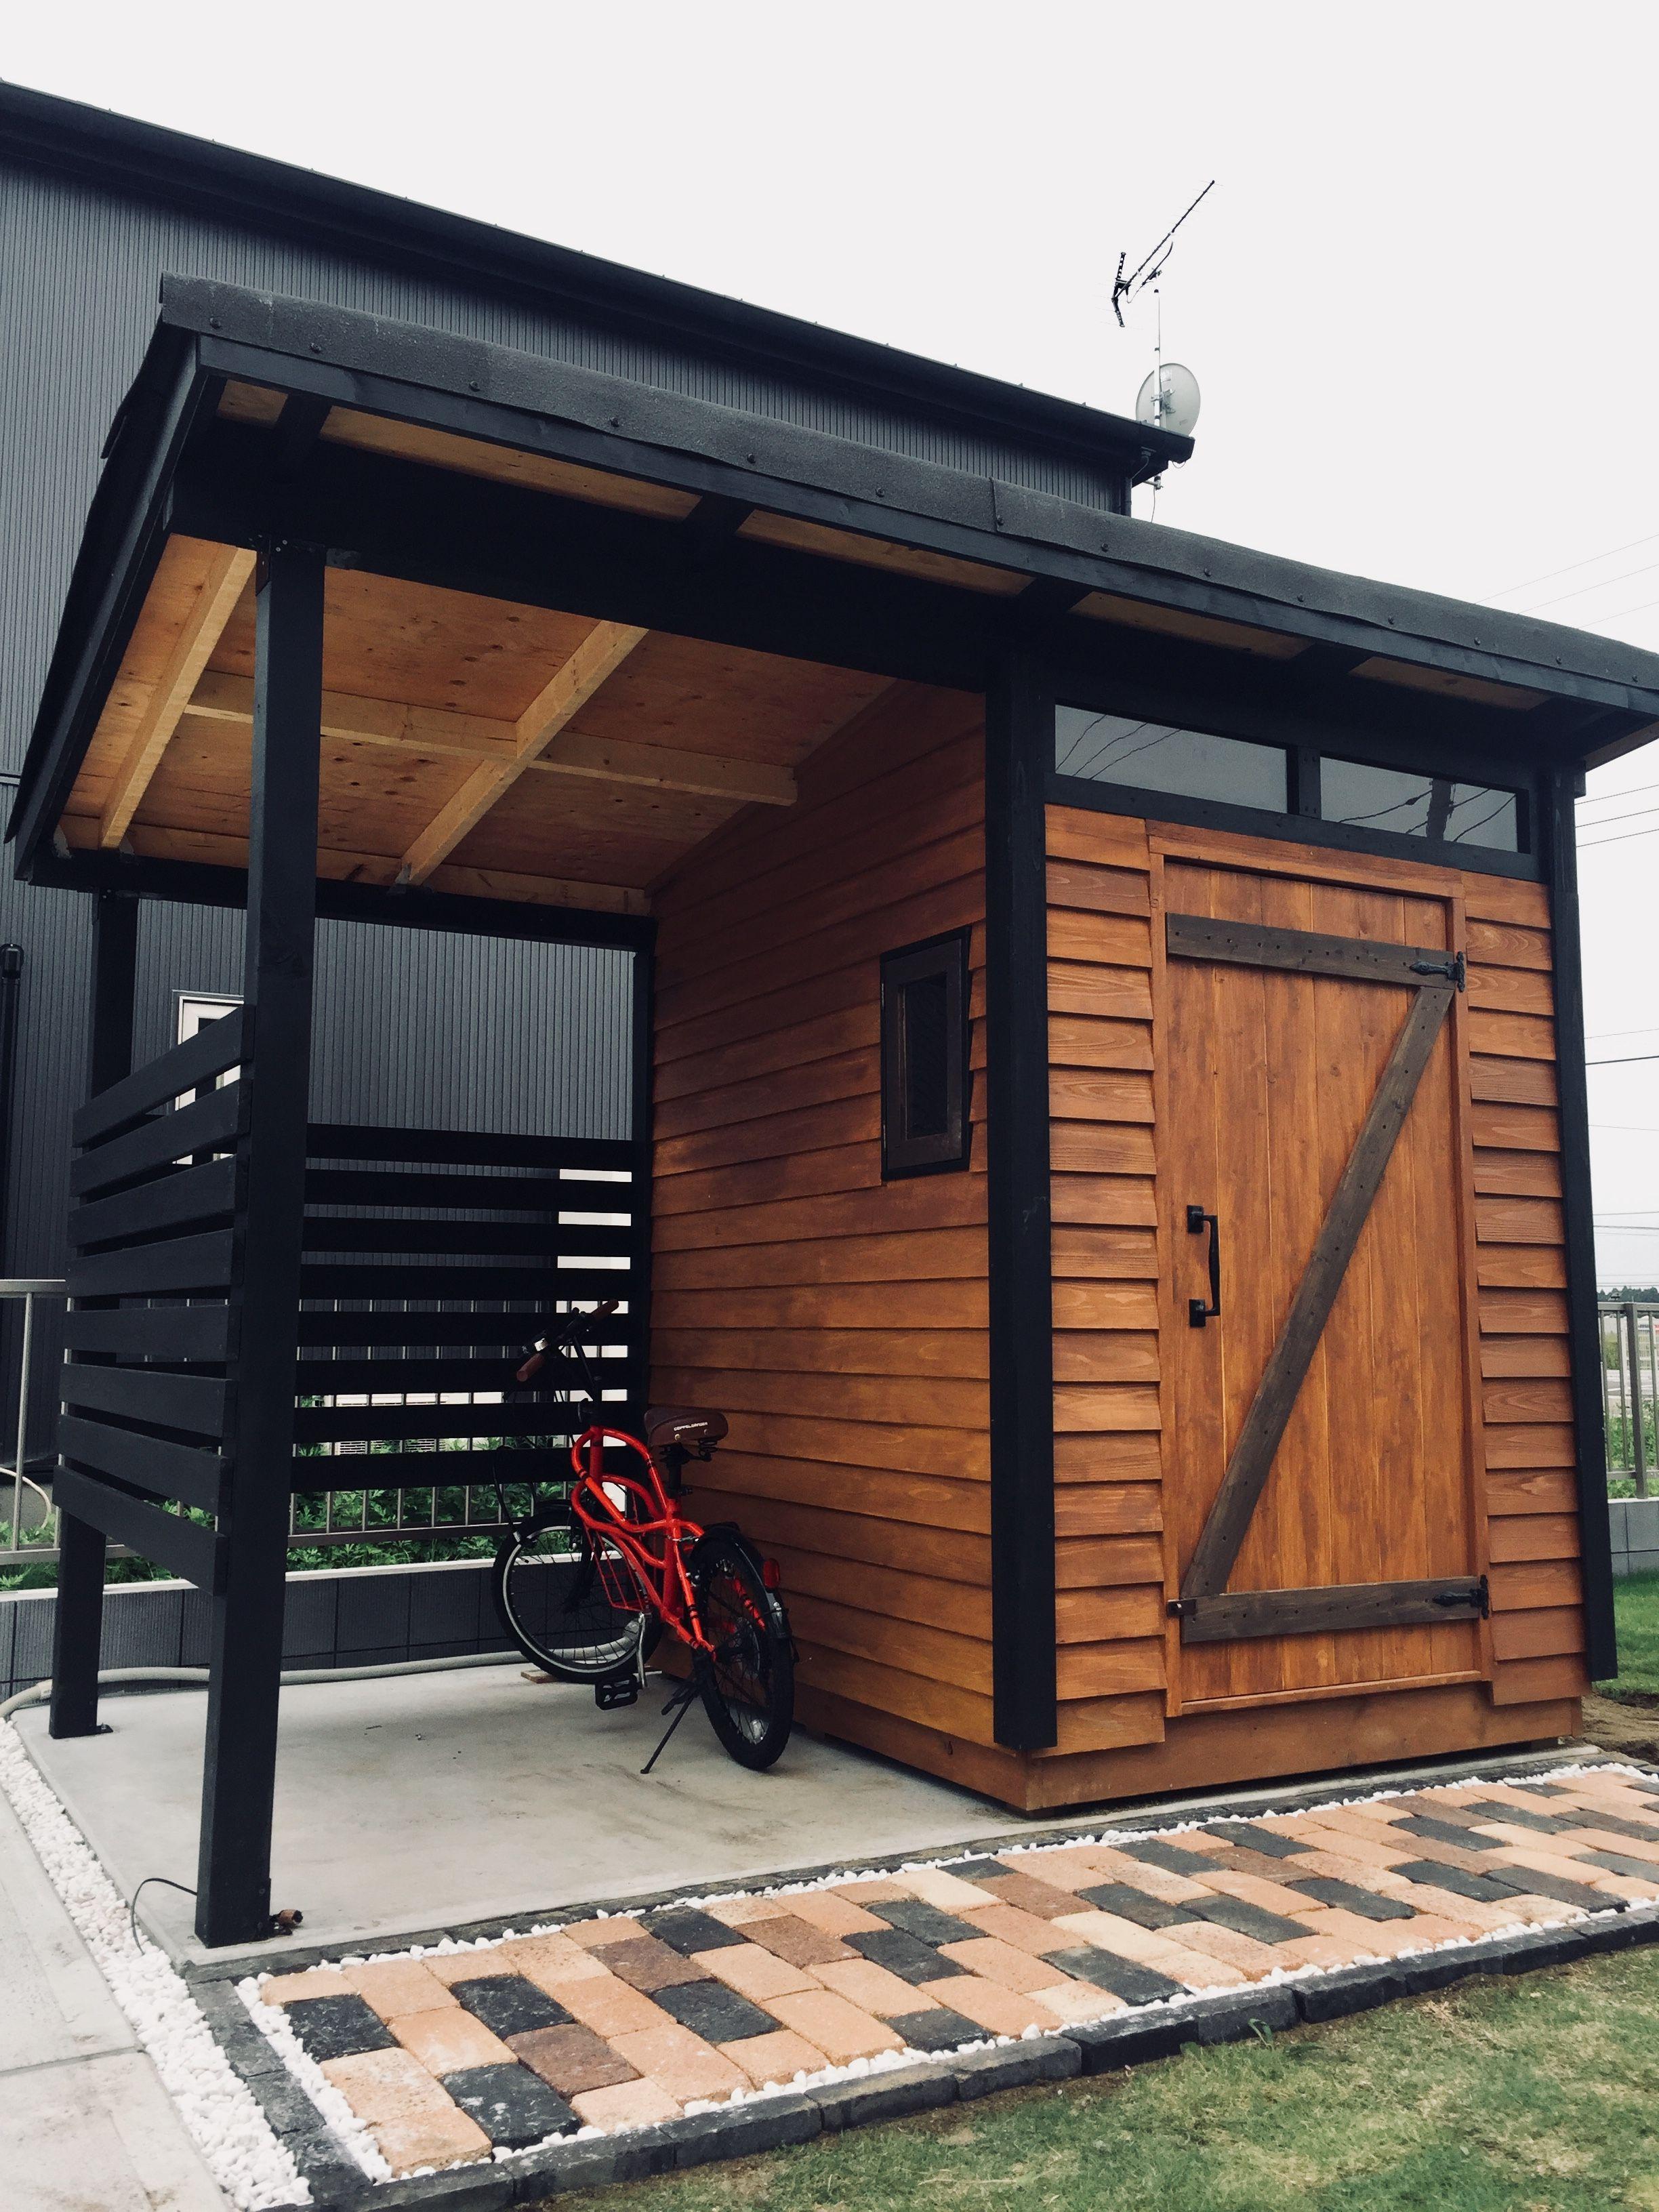 自転車収納 物置小屋をdiyしてみました 小屋 物置小屋 おしゃれ